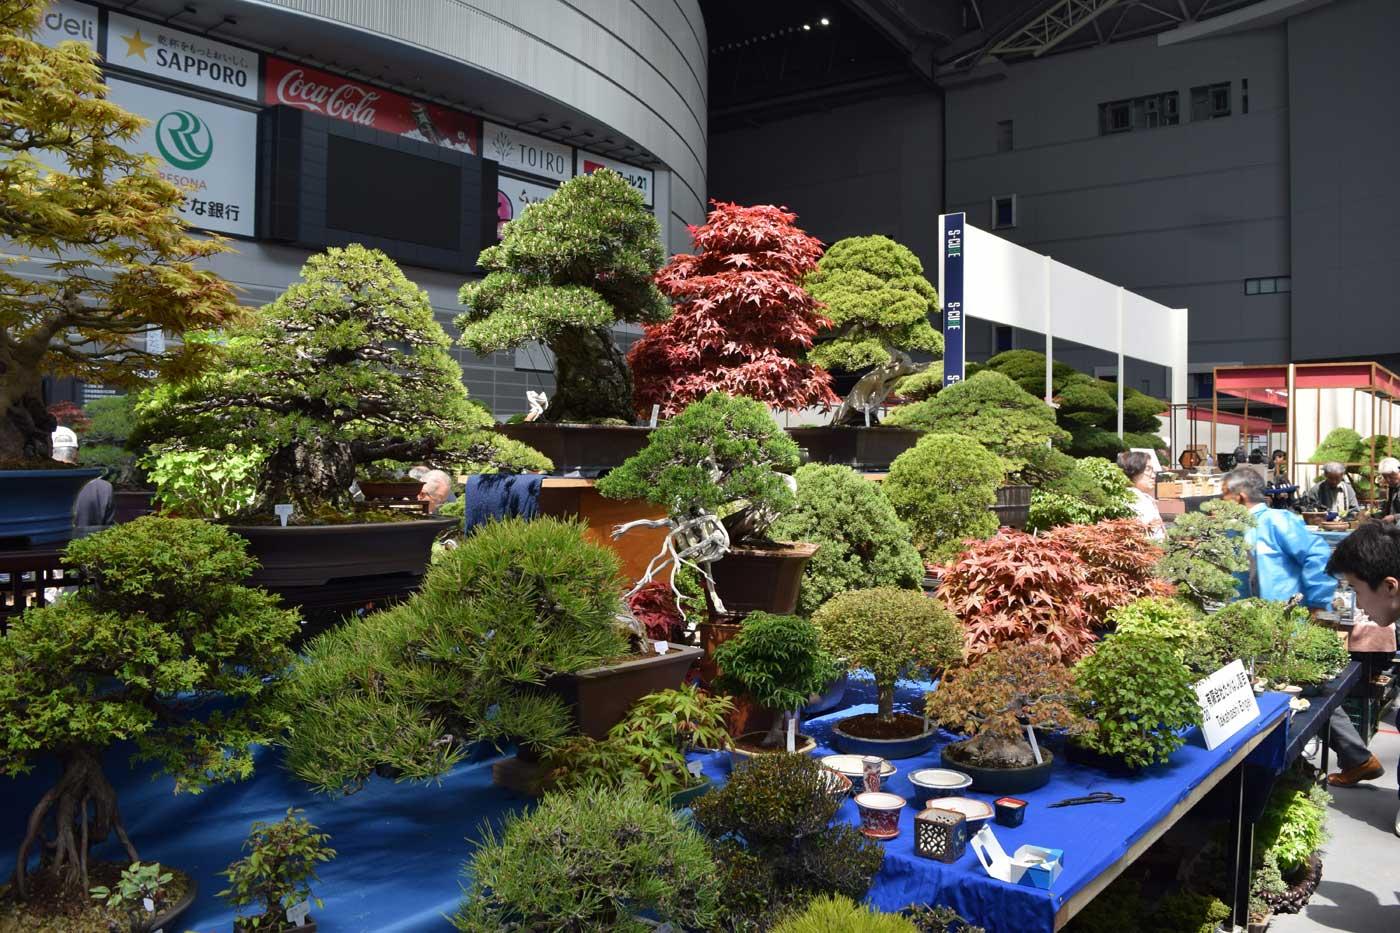 Piccoli e medio-grandi bonsai in vendita nell'arena.